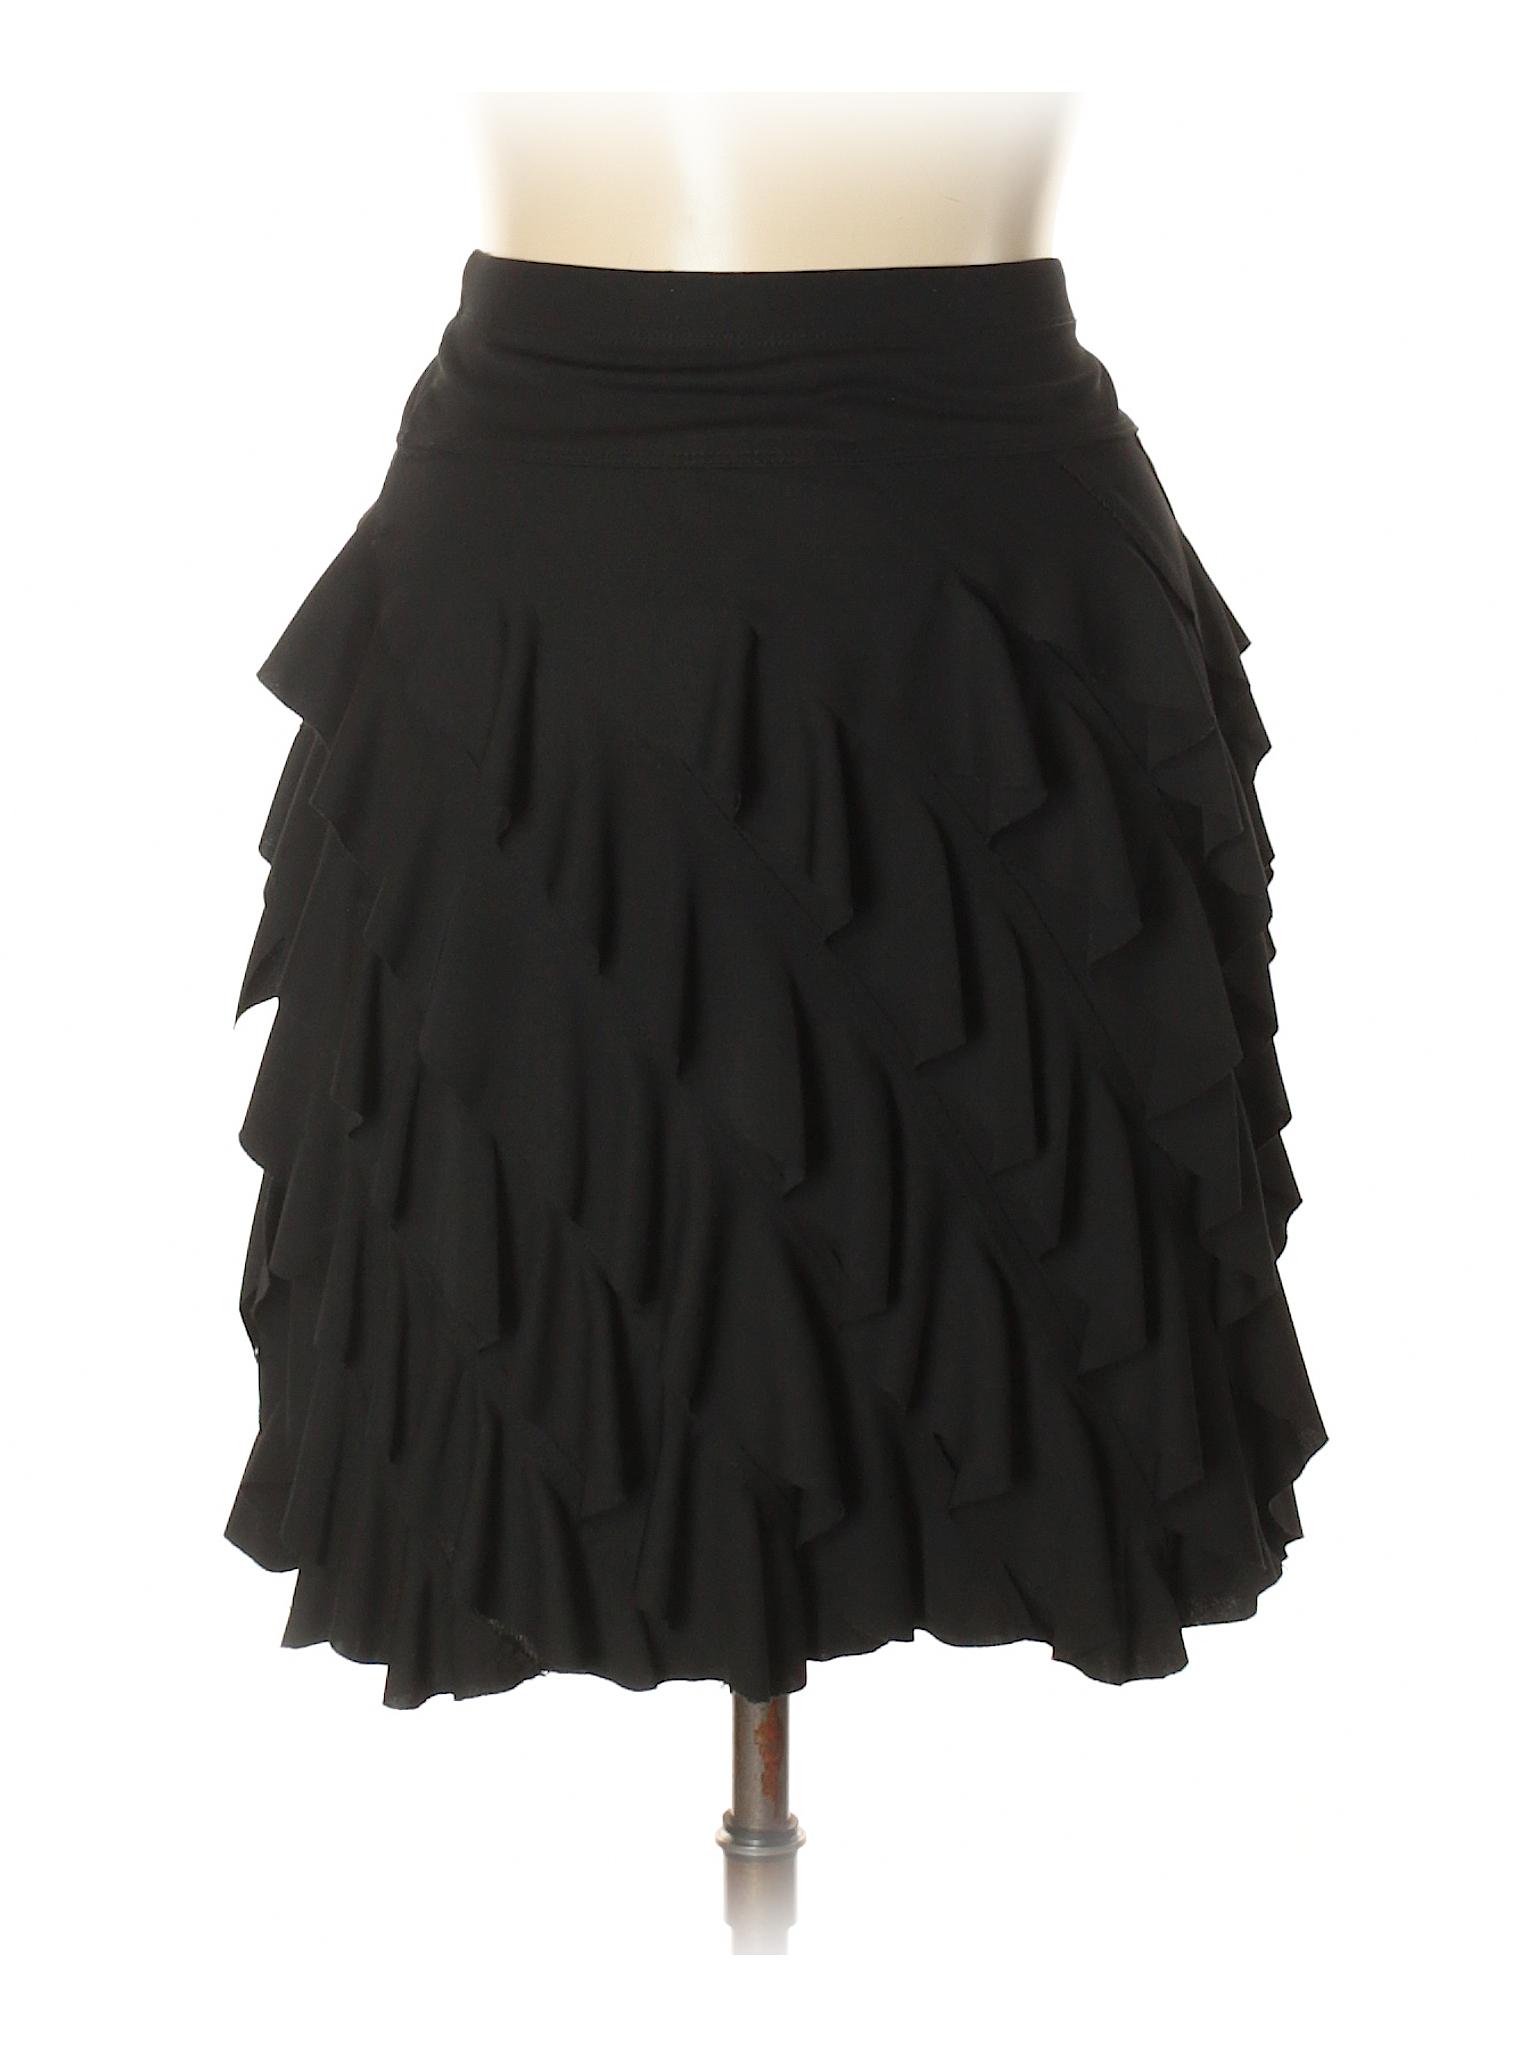 Casual Boutique Casual Skirt Boutique Boutique Skirt Casual qXvwXr4